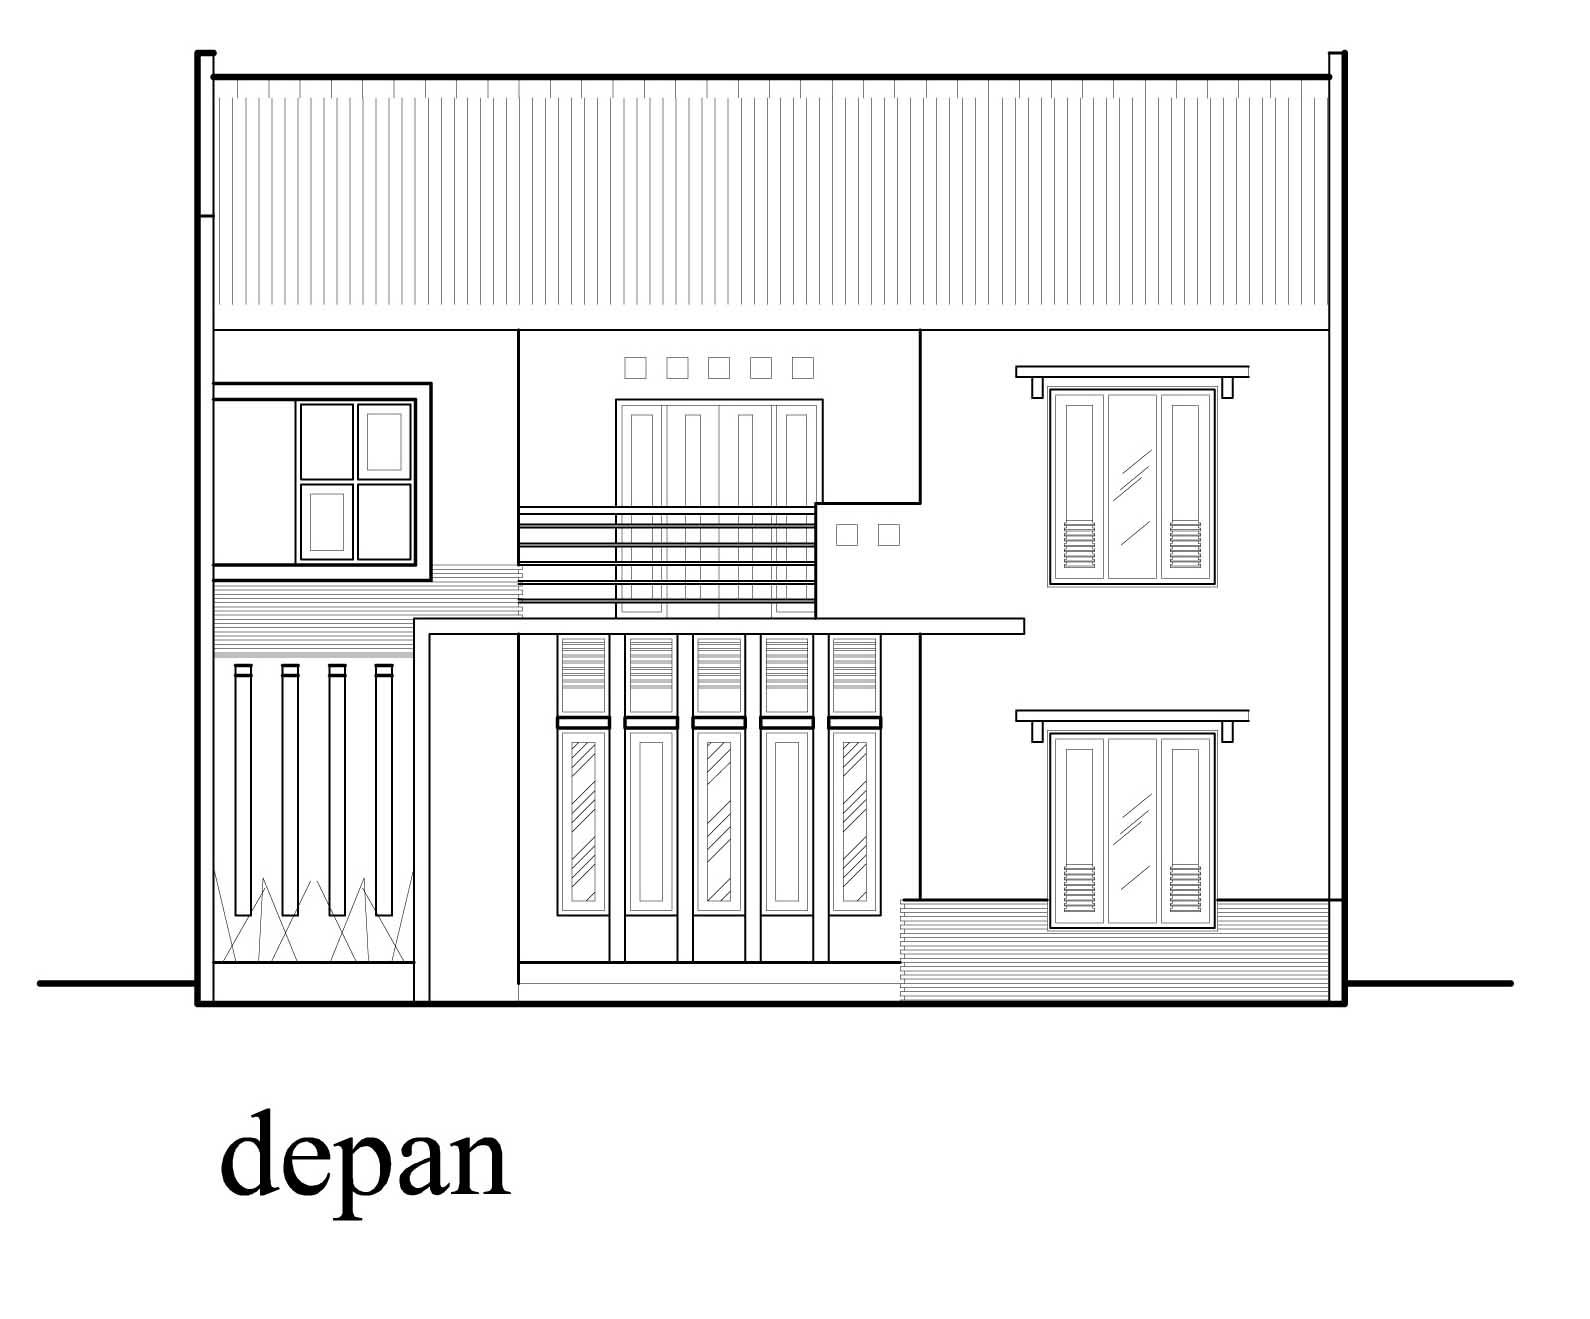 Image Result For Denah Rumah Artinya